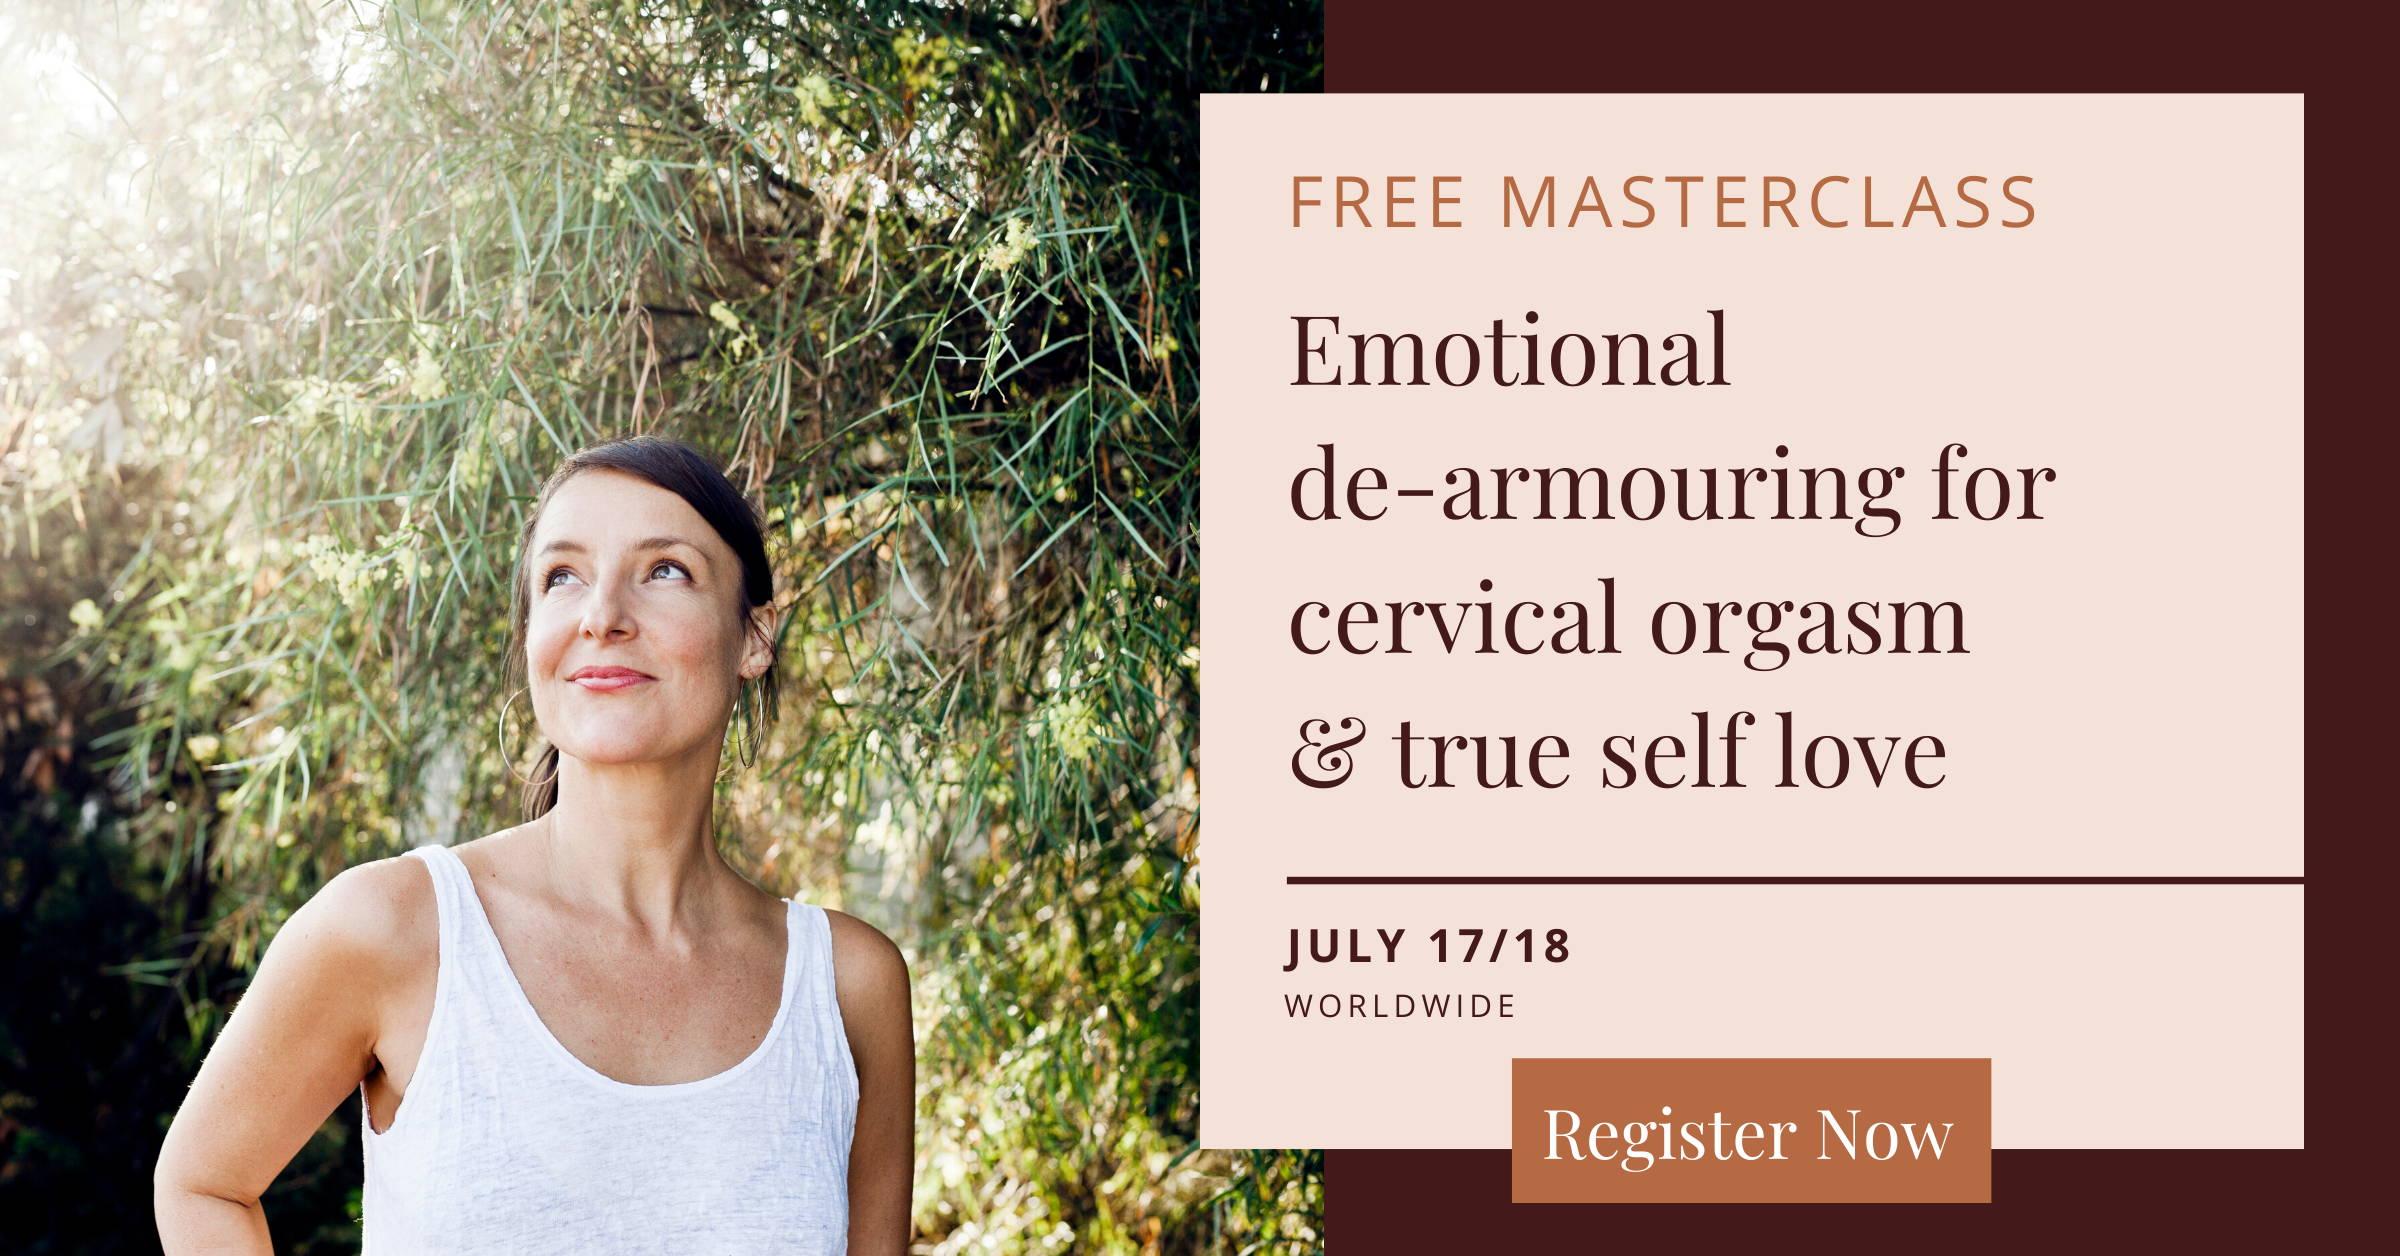 Emotional de-armouring for cervical orgasm & true love